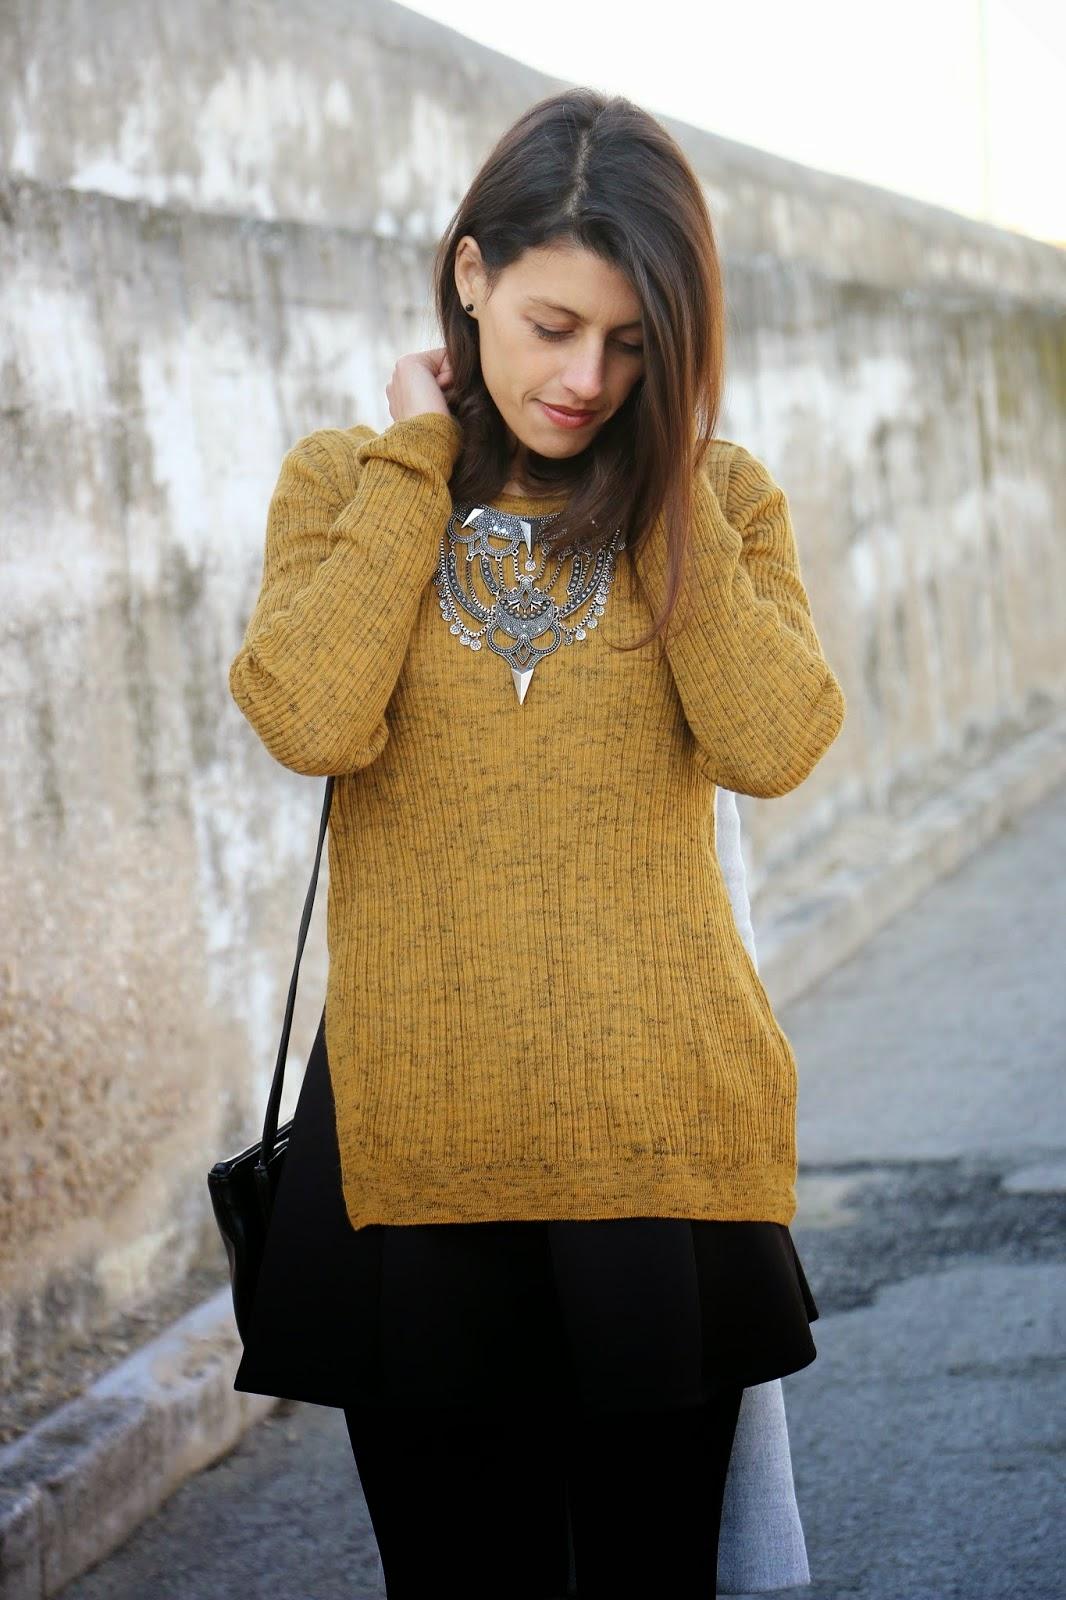 http://ilovefitametrica.blogspot.pt/2015/01/mustard-knit.html